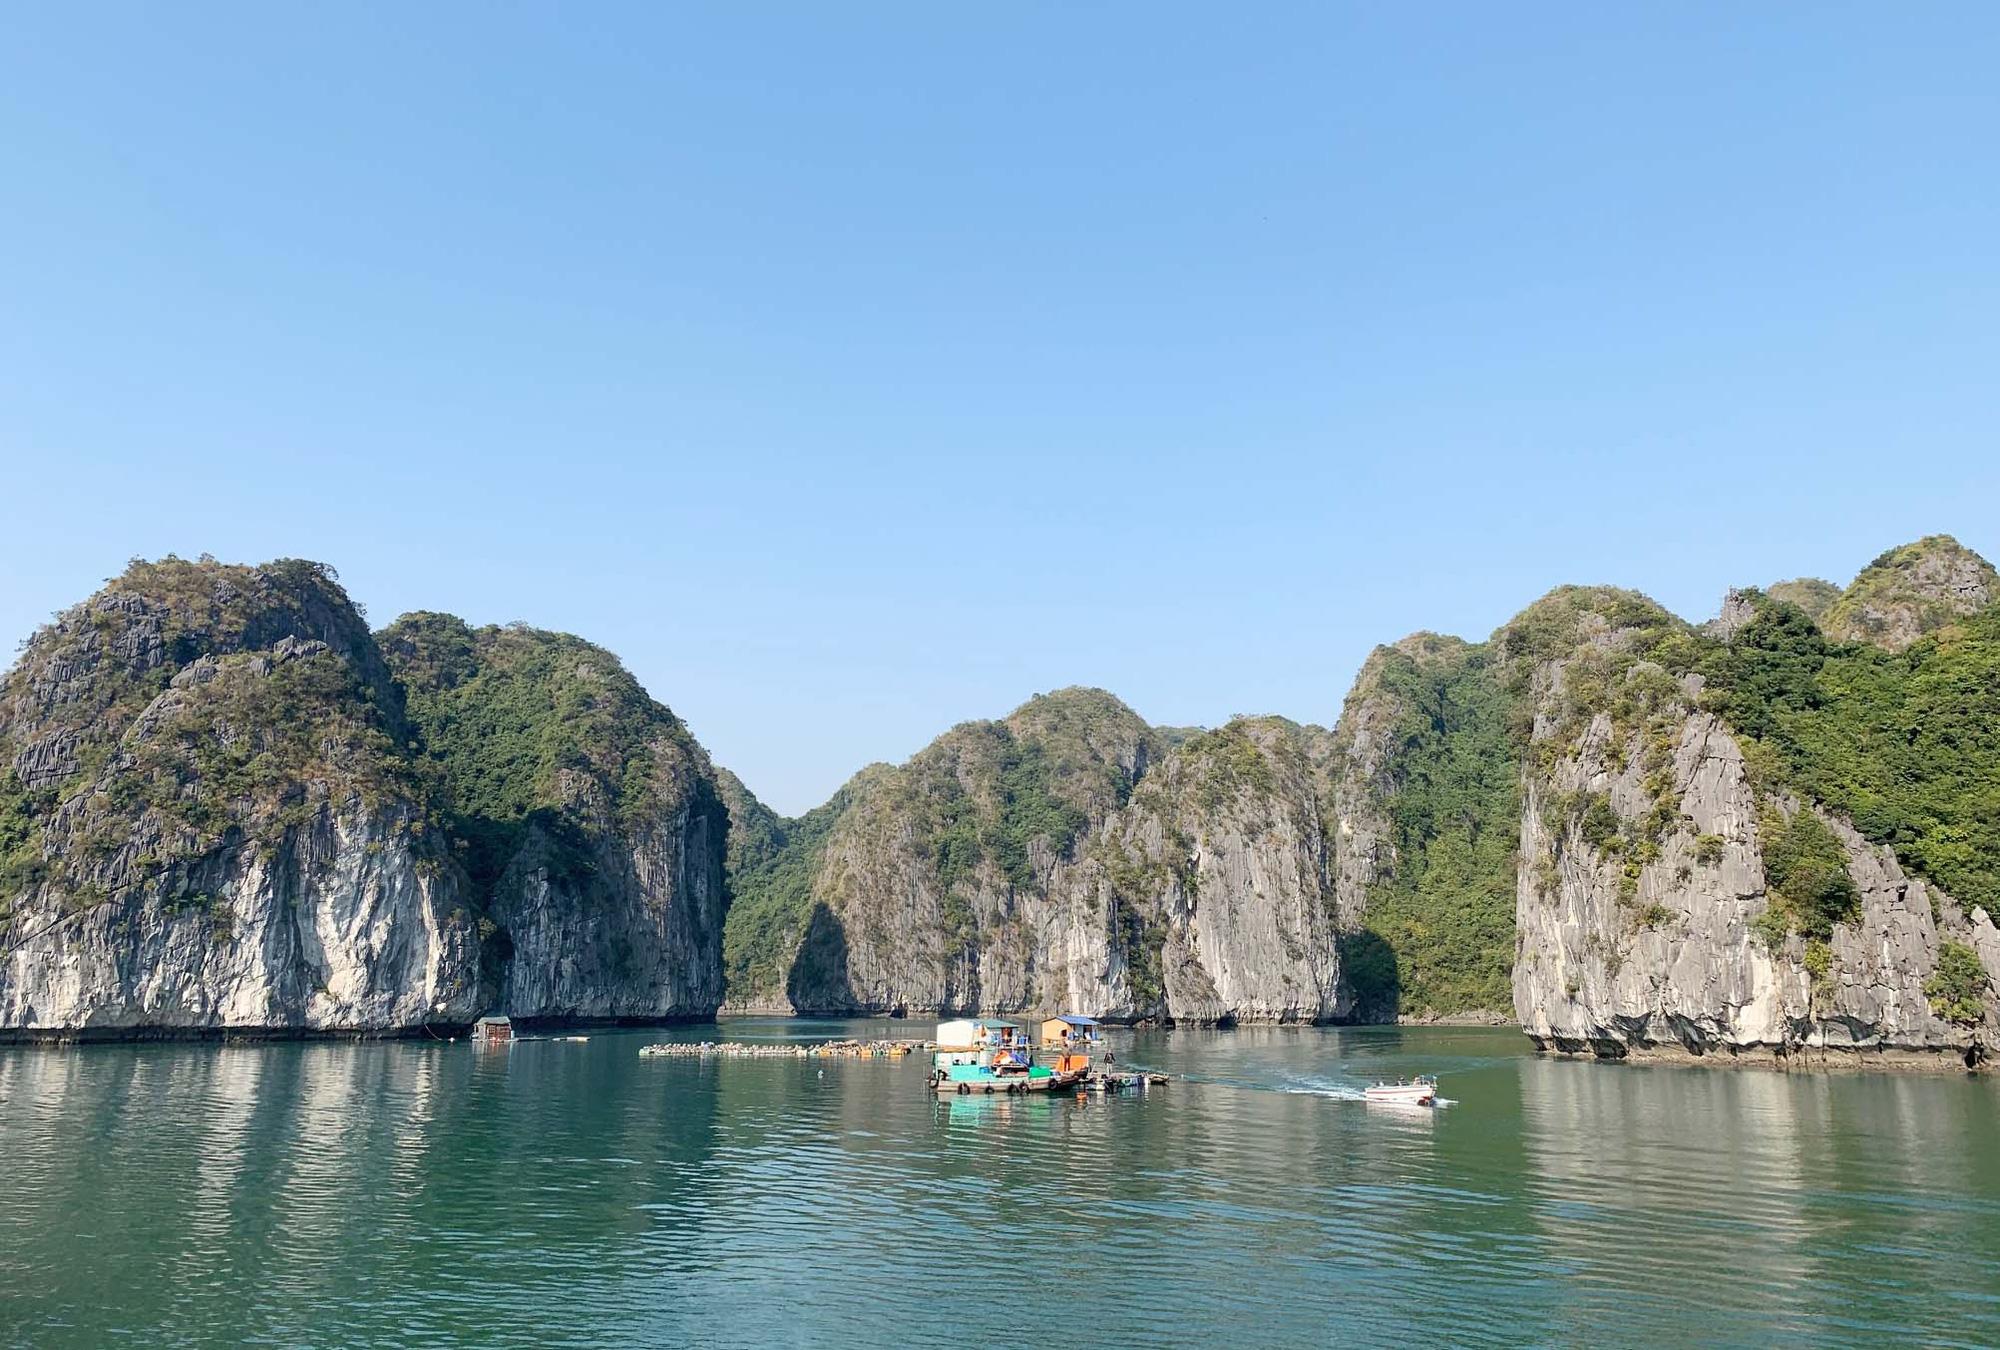 """Tour du lịch Tết: Vịnh Lan Hạ, Cát Bà - """"Thiên đường bị bỏ quên"""" - Ảnh 11."""